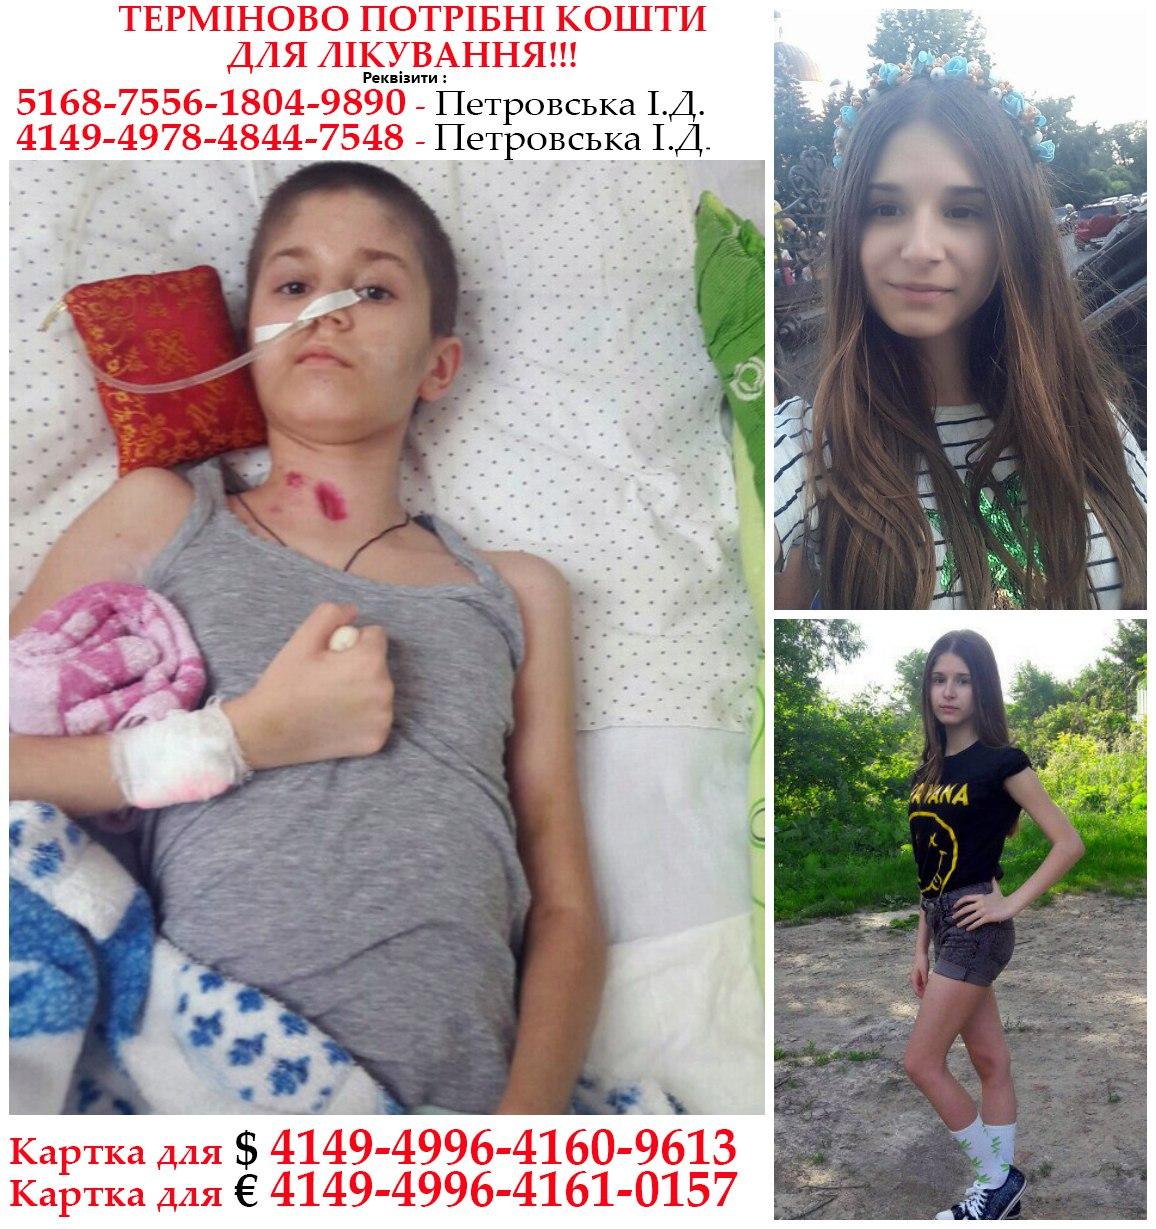 Потрібна допомога! 13-річна Ксенія після ДТП потребує посиленої реабілітації